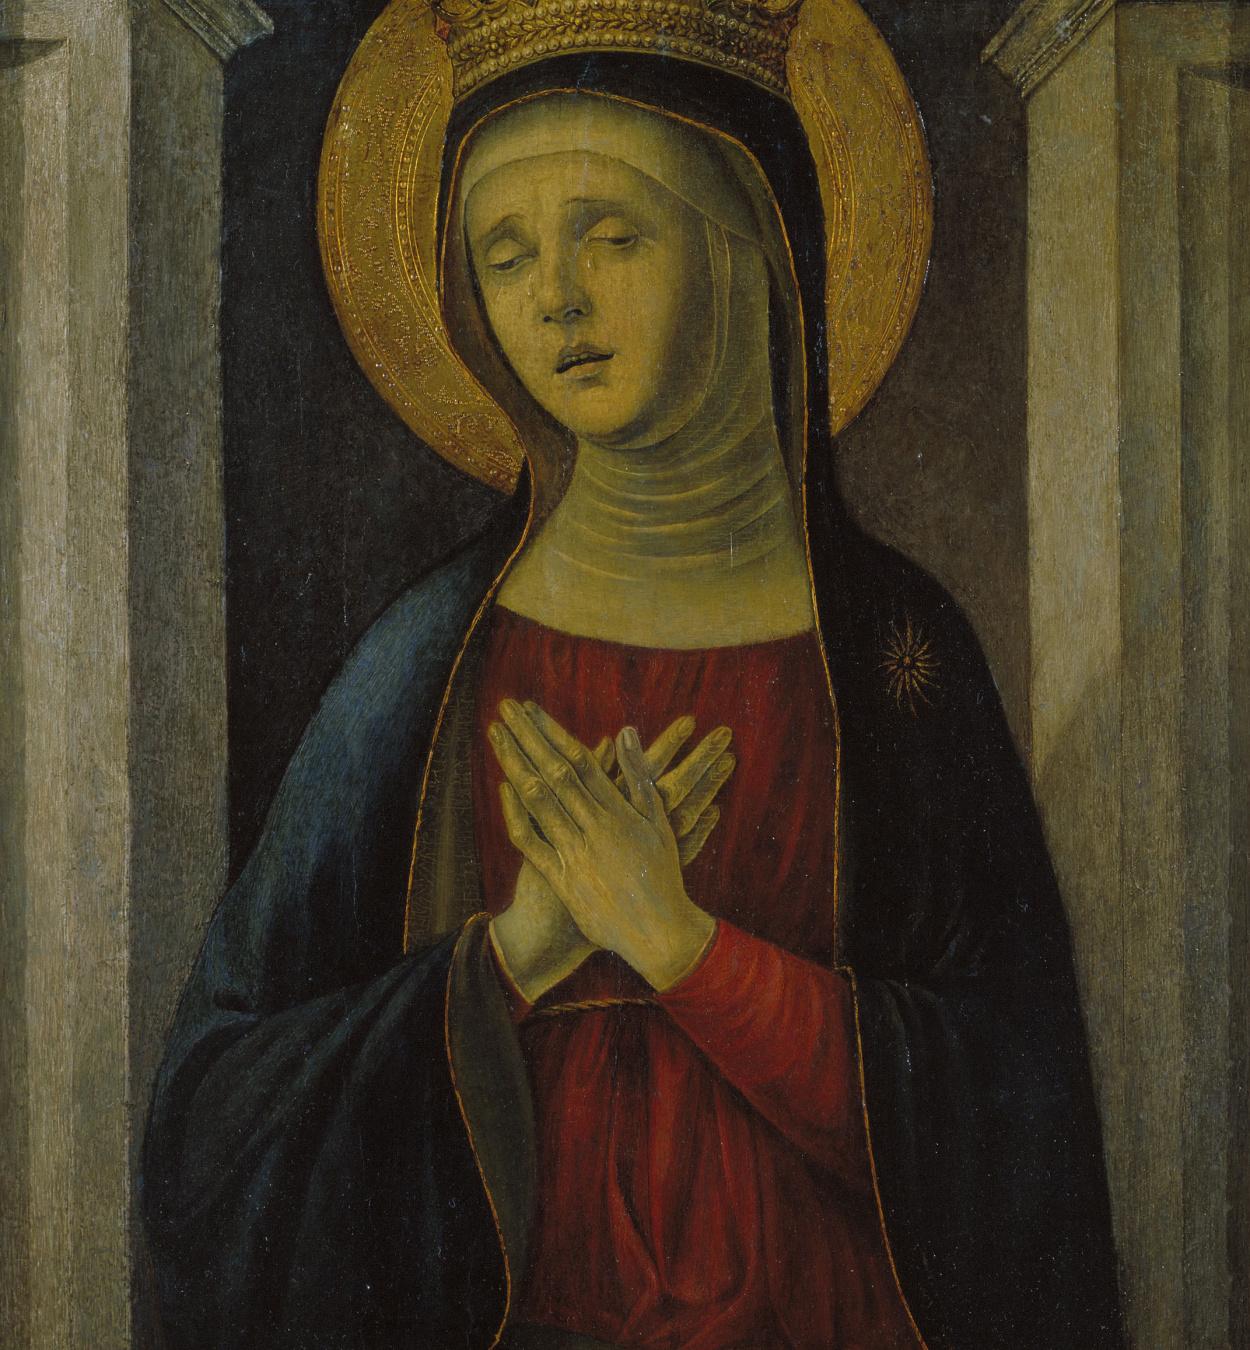 Baldassare d'Este - Mater Dolorosa - Segle XV